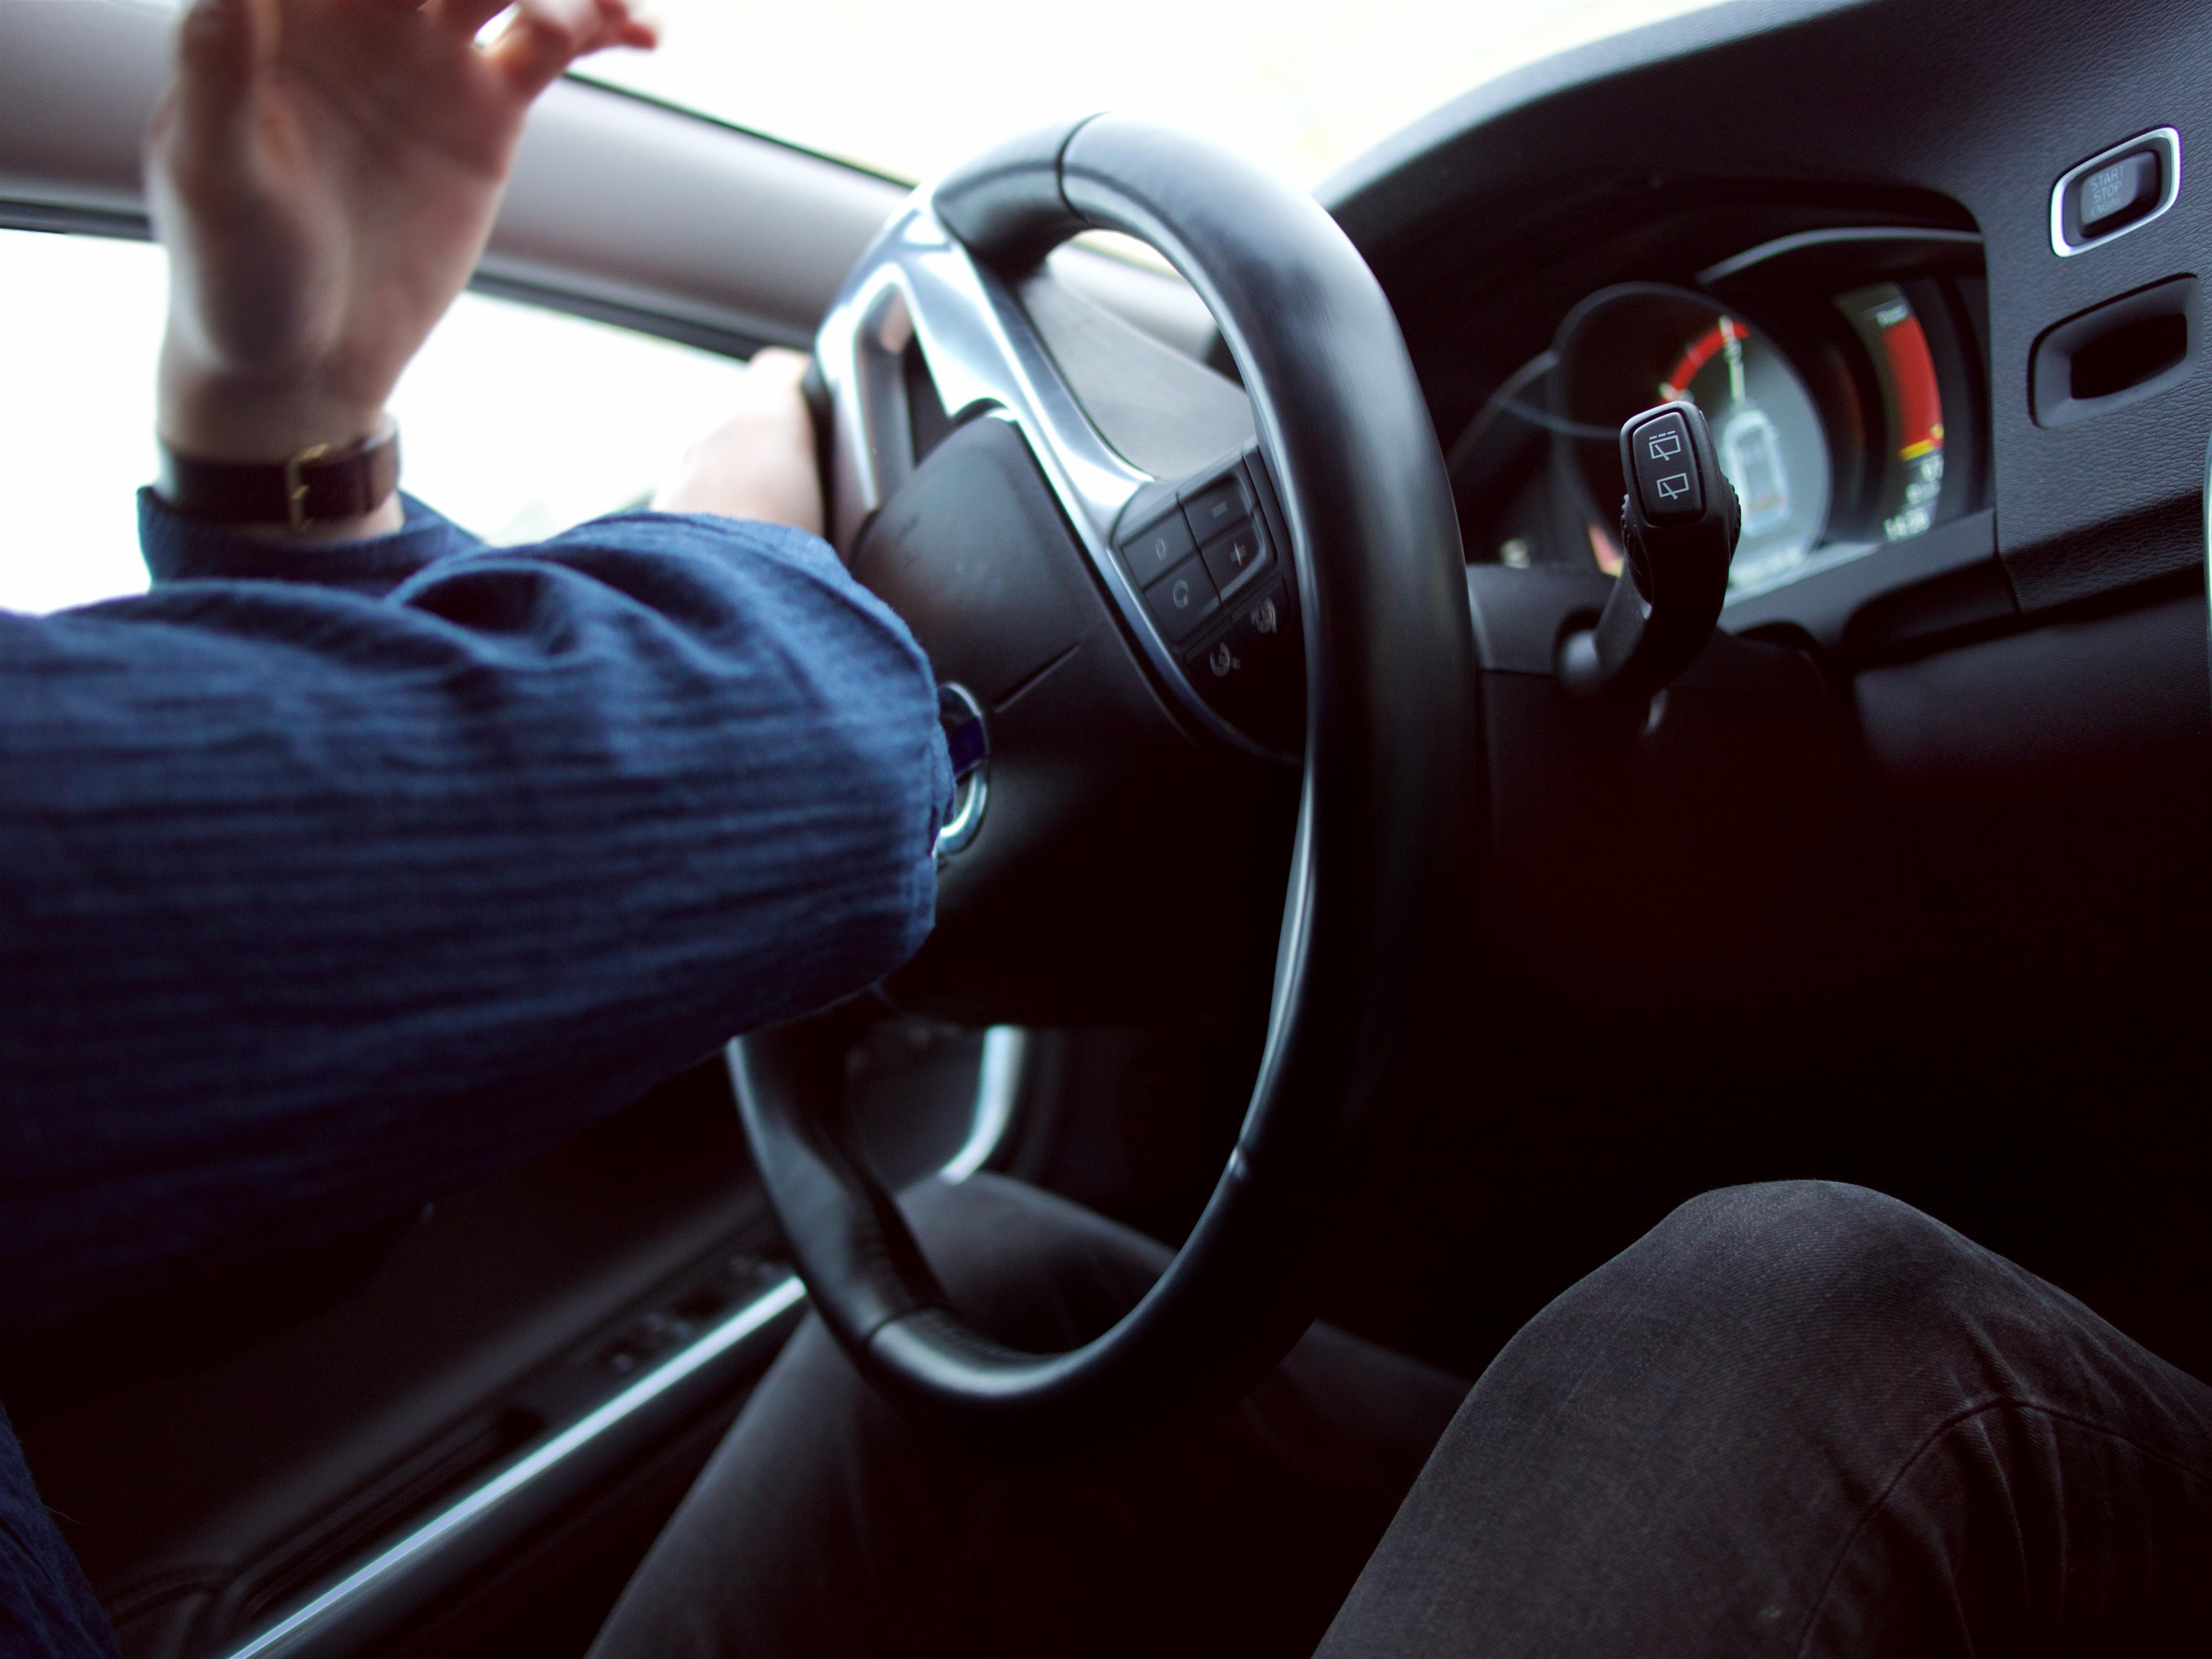 Regeringen vil sætte en stopper for vanvidskørsel, car, bil, bilrat. (Foto: Unsplash)